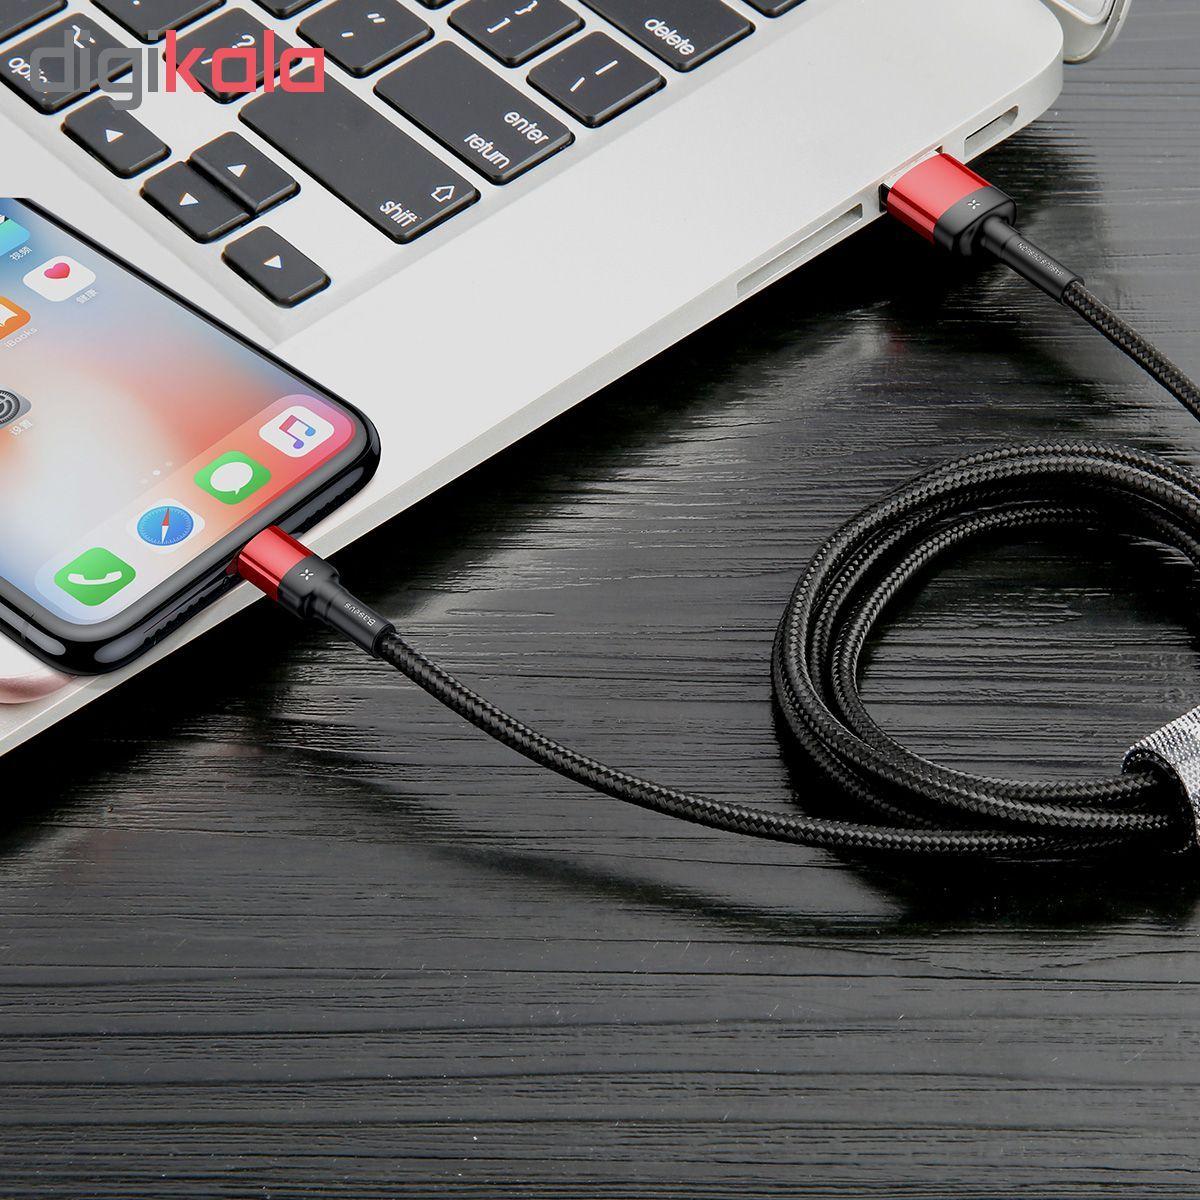 کابل تبدیل USB به لایتنینگ باسئوس مدل CALKLF-G91 طول 1متر main 1 9